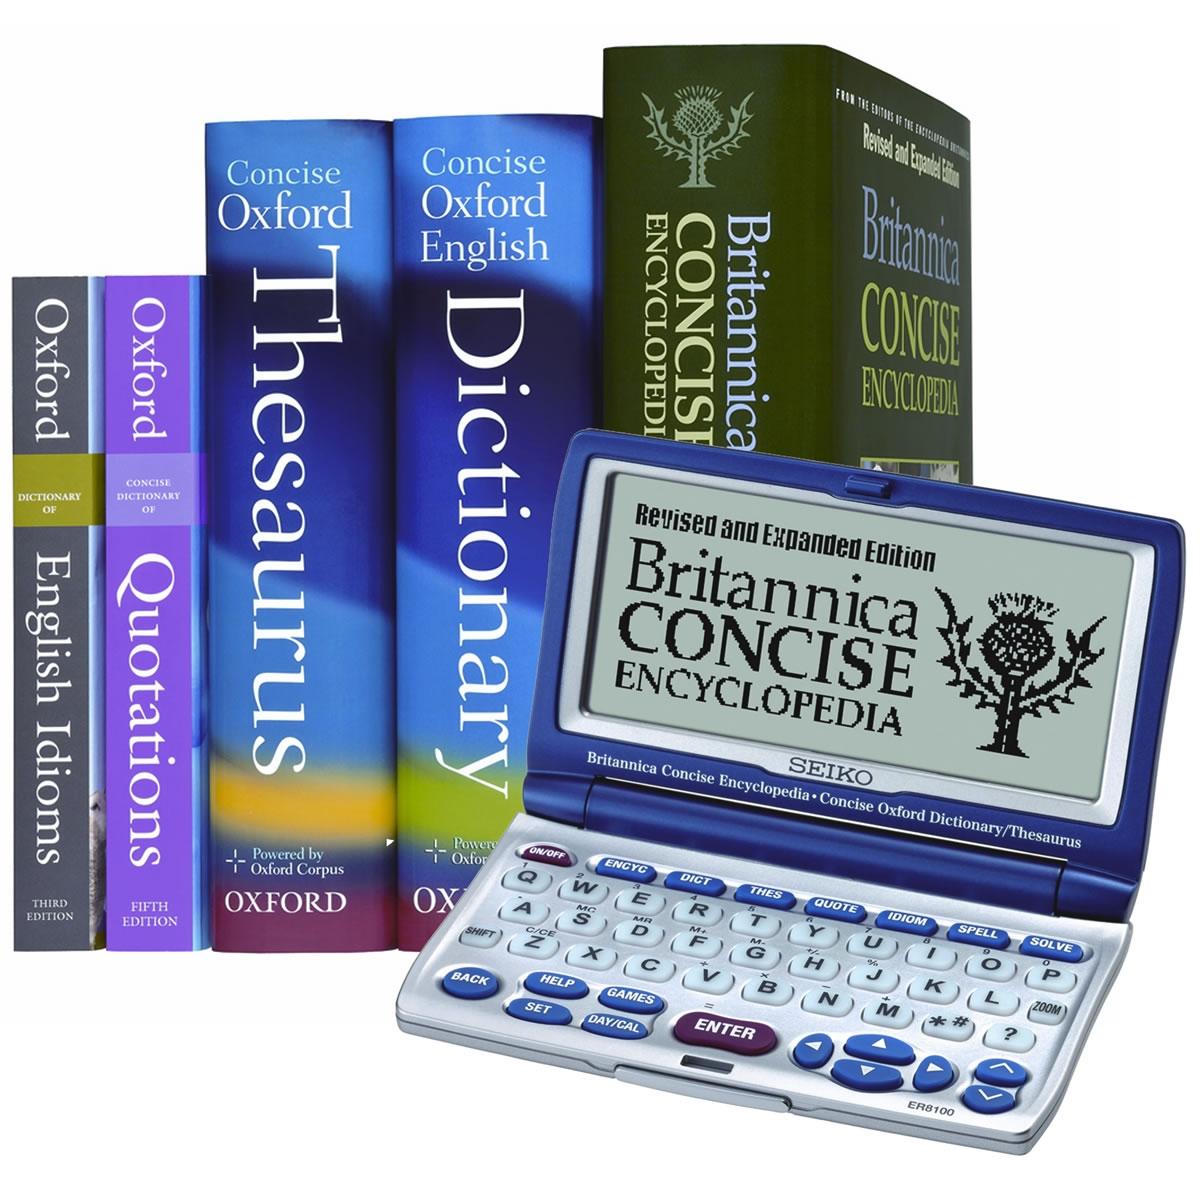 Seiko Britannica/Oxford Reference Library ER8100